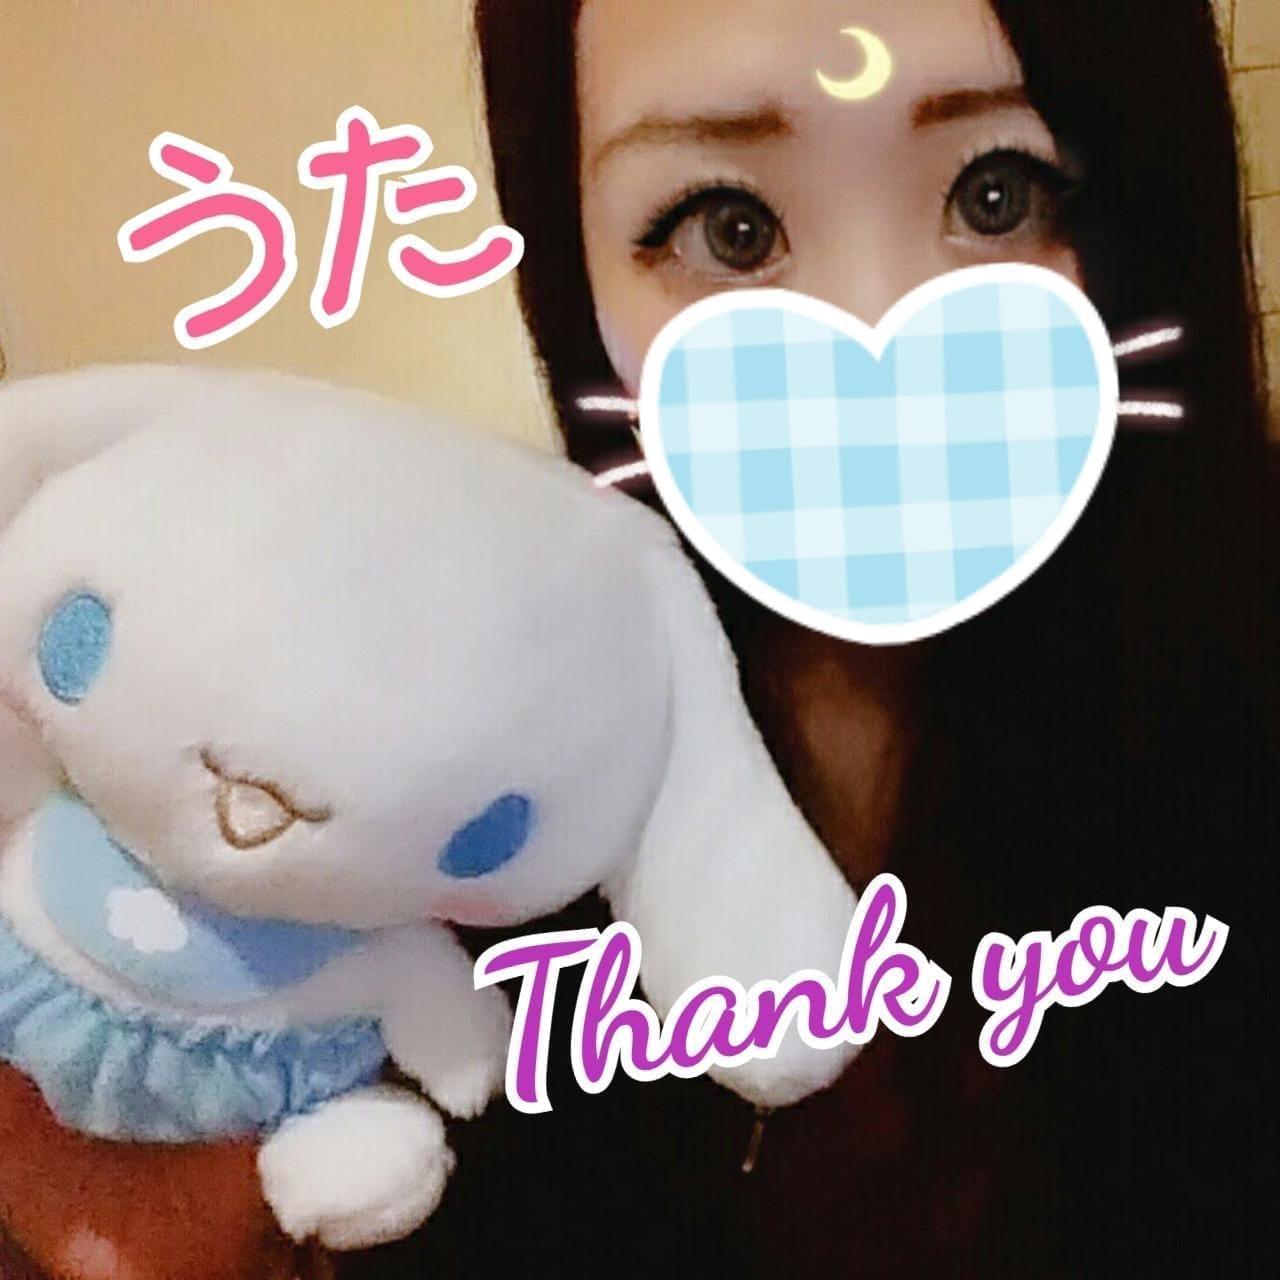 「ありがとうございました( ??∀??? )??」10/19(金) 08:35   ウタの写メ・風俗動画